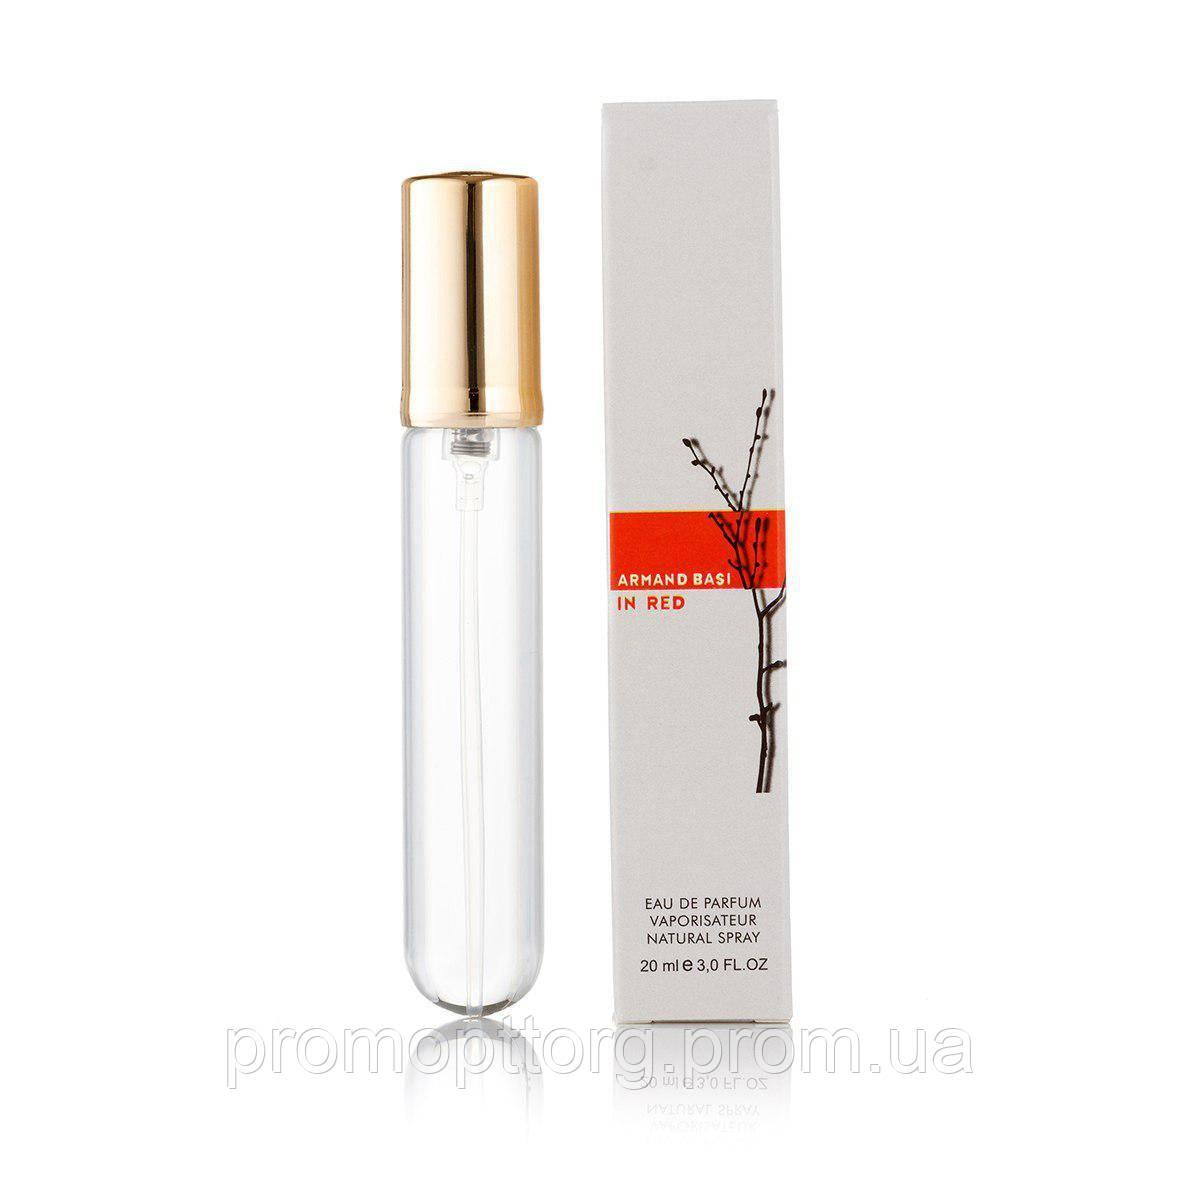 Мини парфюмерия женская Armand Basi In Red 20 ml (реплика)